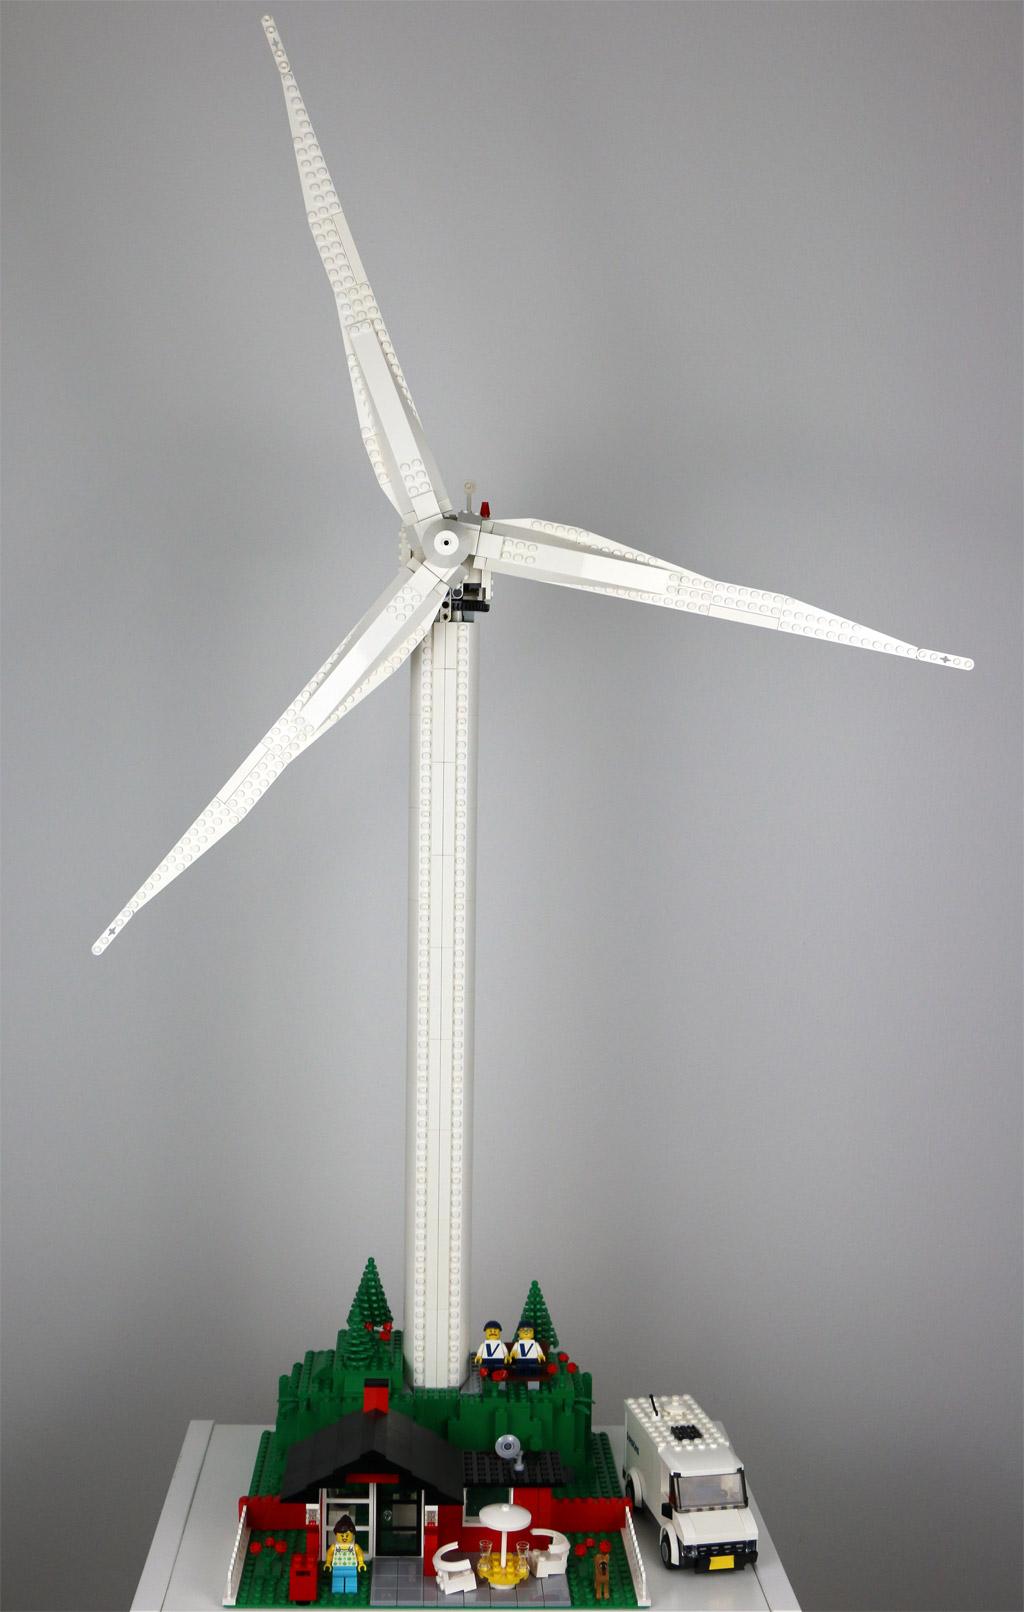 lego-creator-expert-vestas-windkraftanlage-10268-frontansicht-2018-zusammengebaut-andres-lehmann zusammengebaut.com